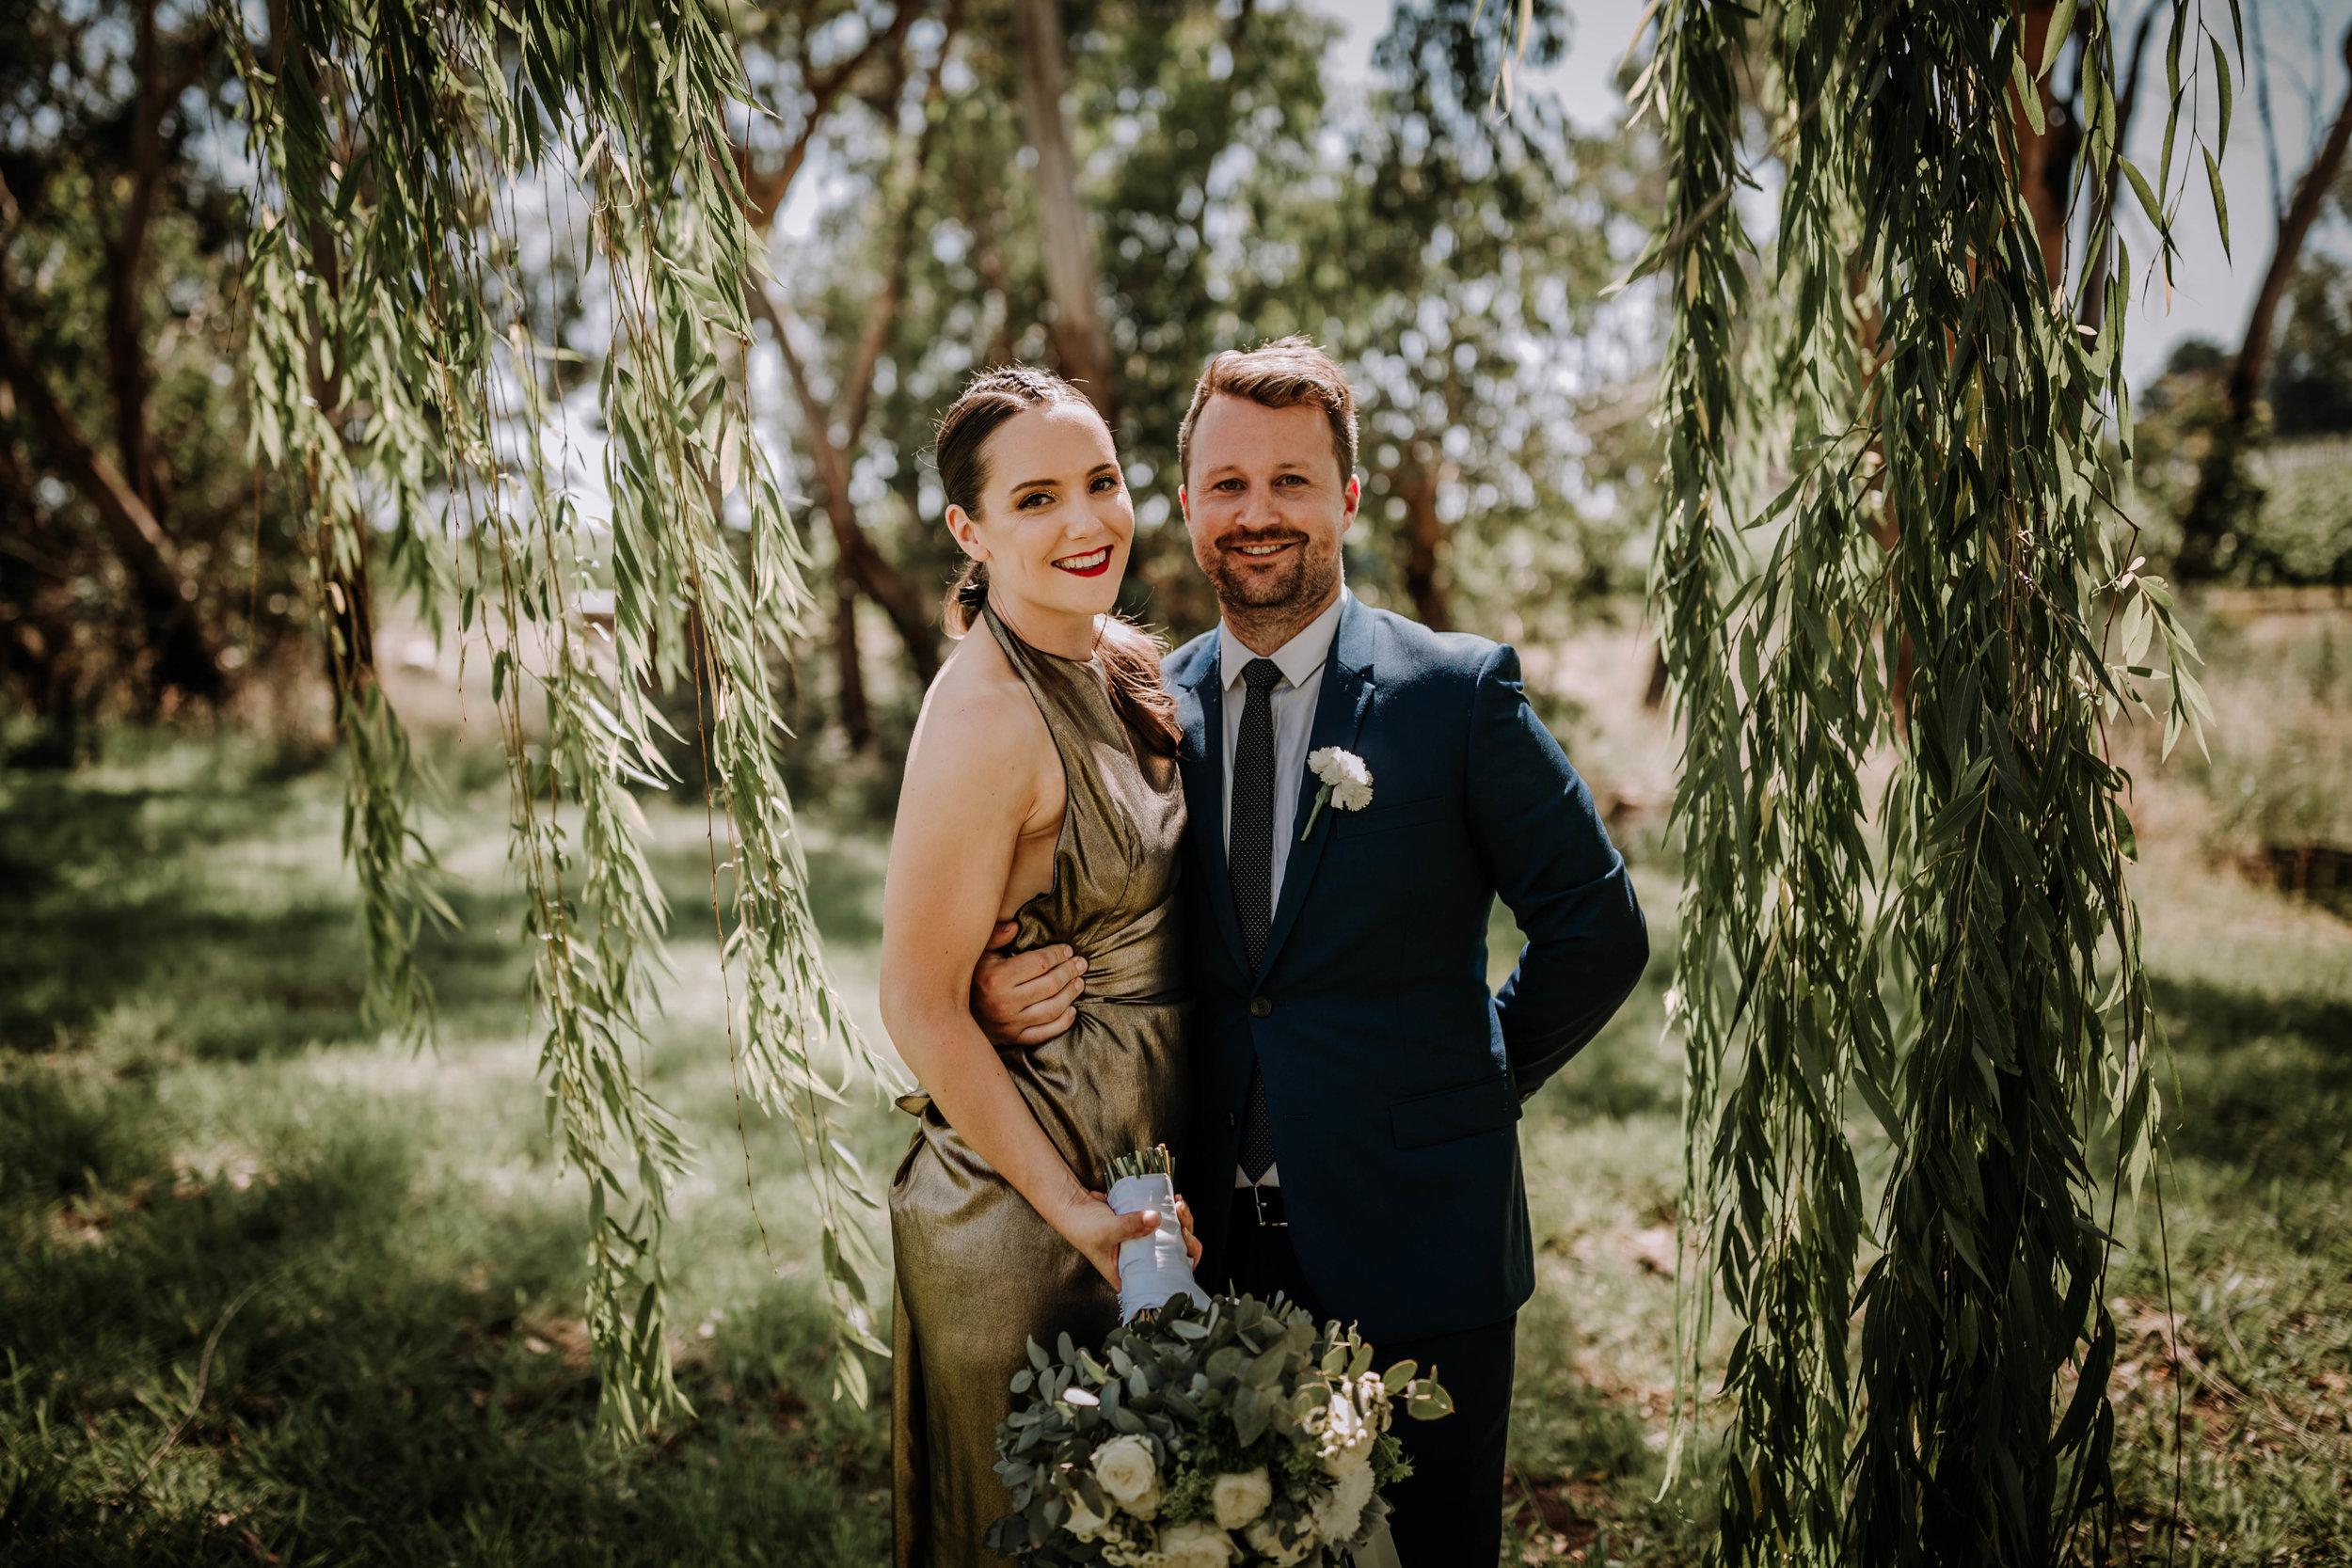 Lauren&Jarrod_weddingSMALLRES (317 of 714).jpg